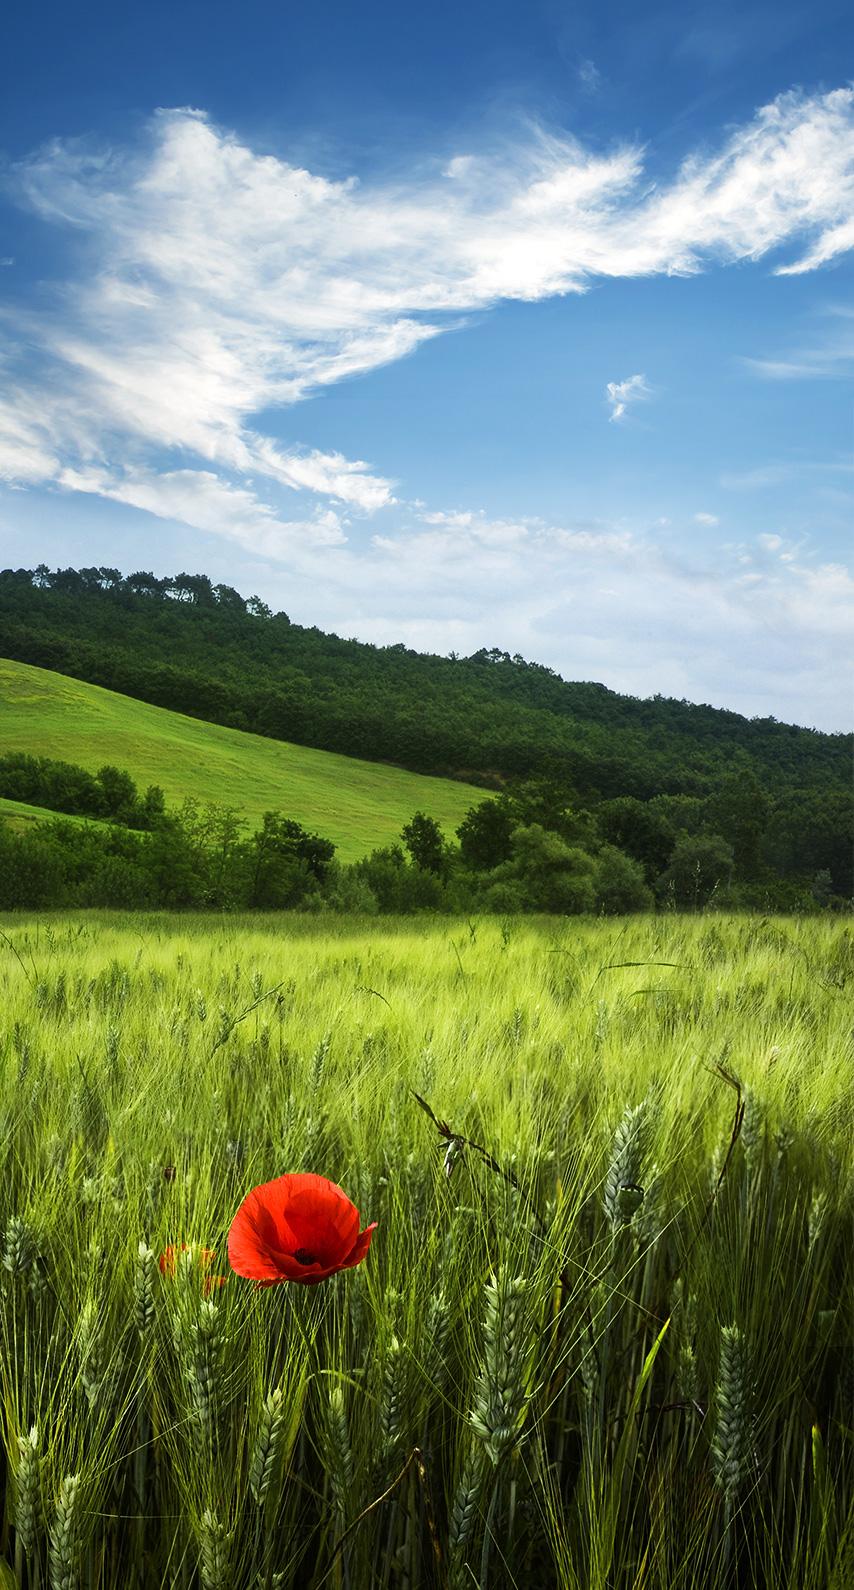 rural, hayfield